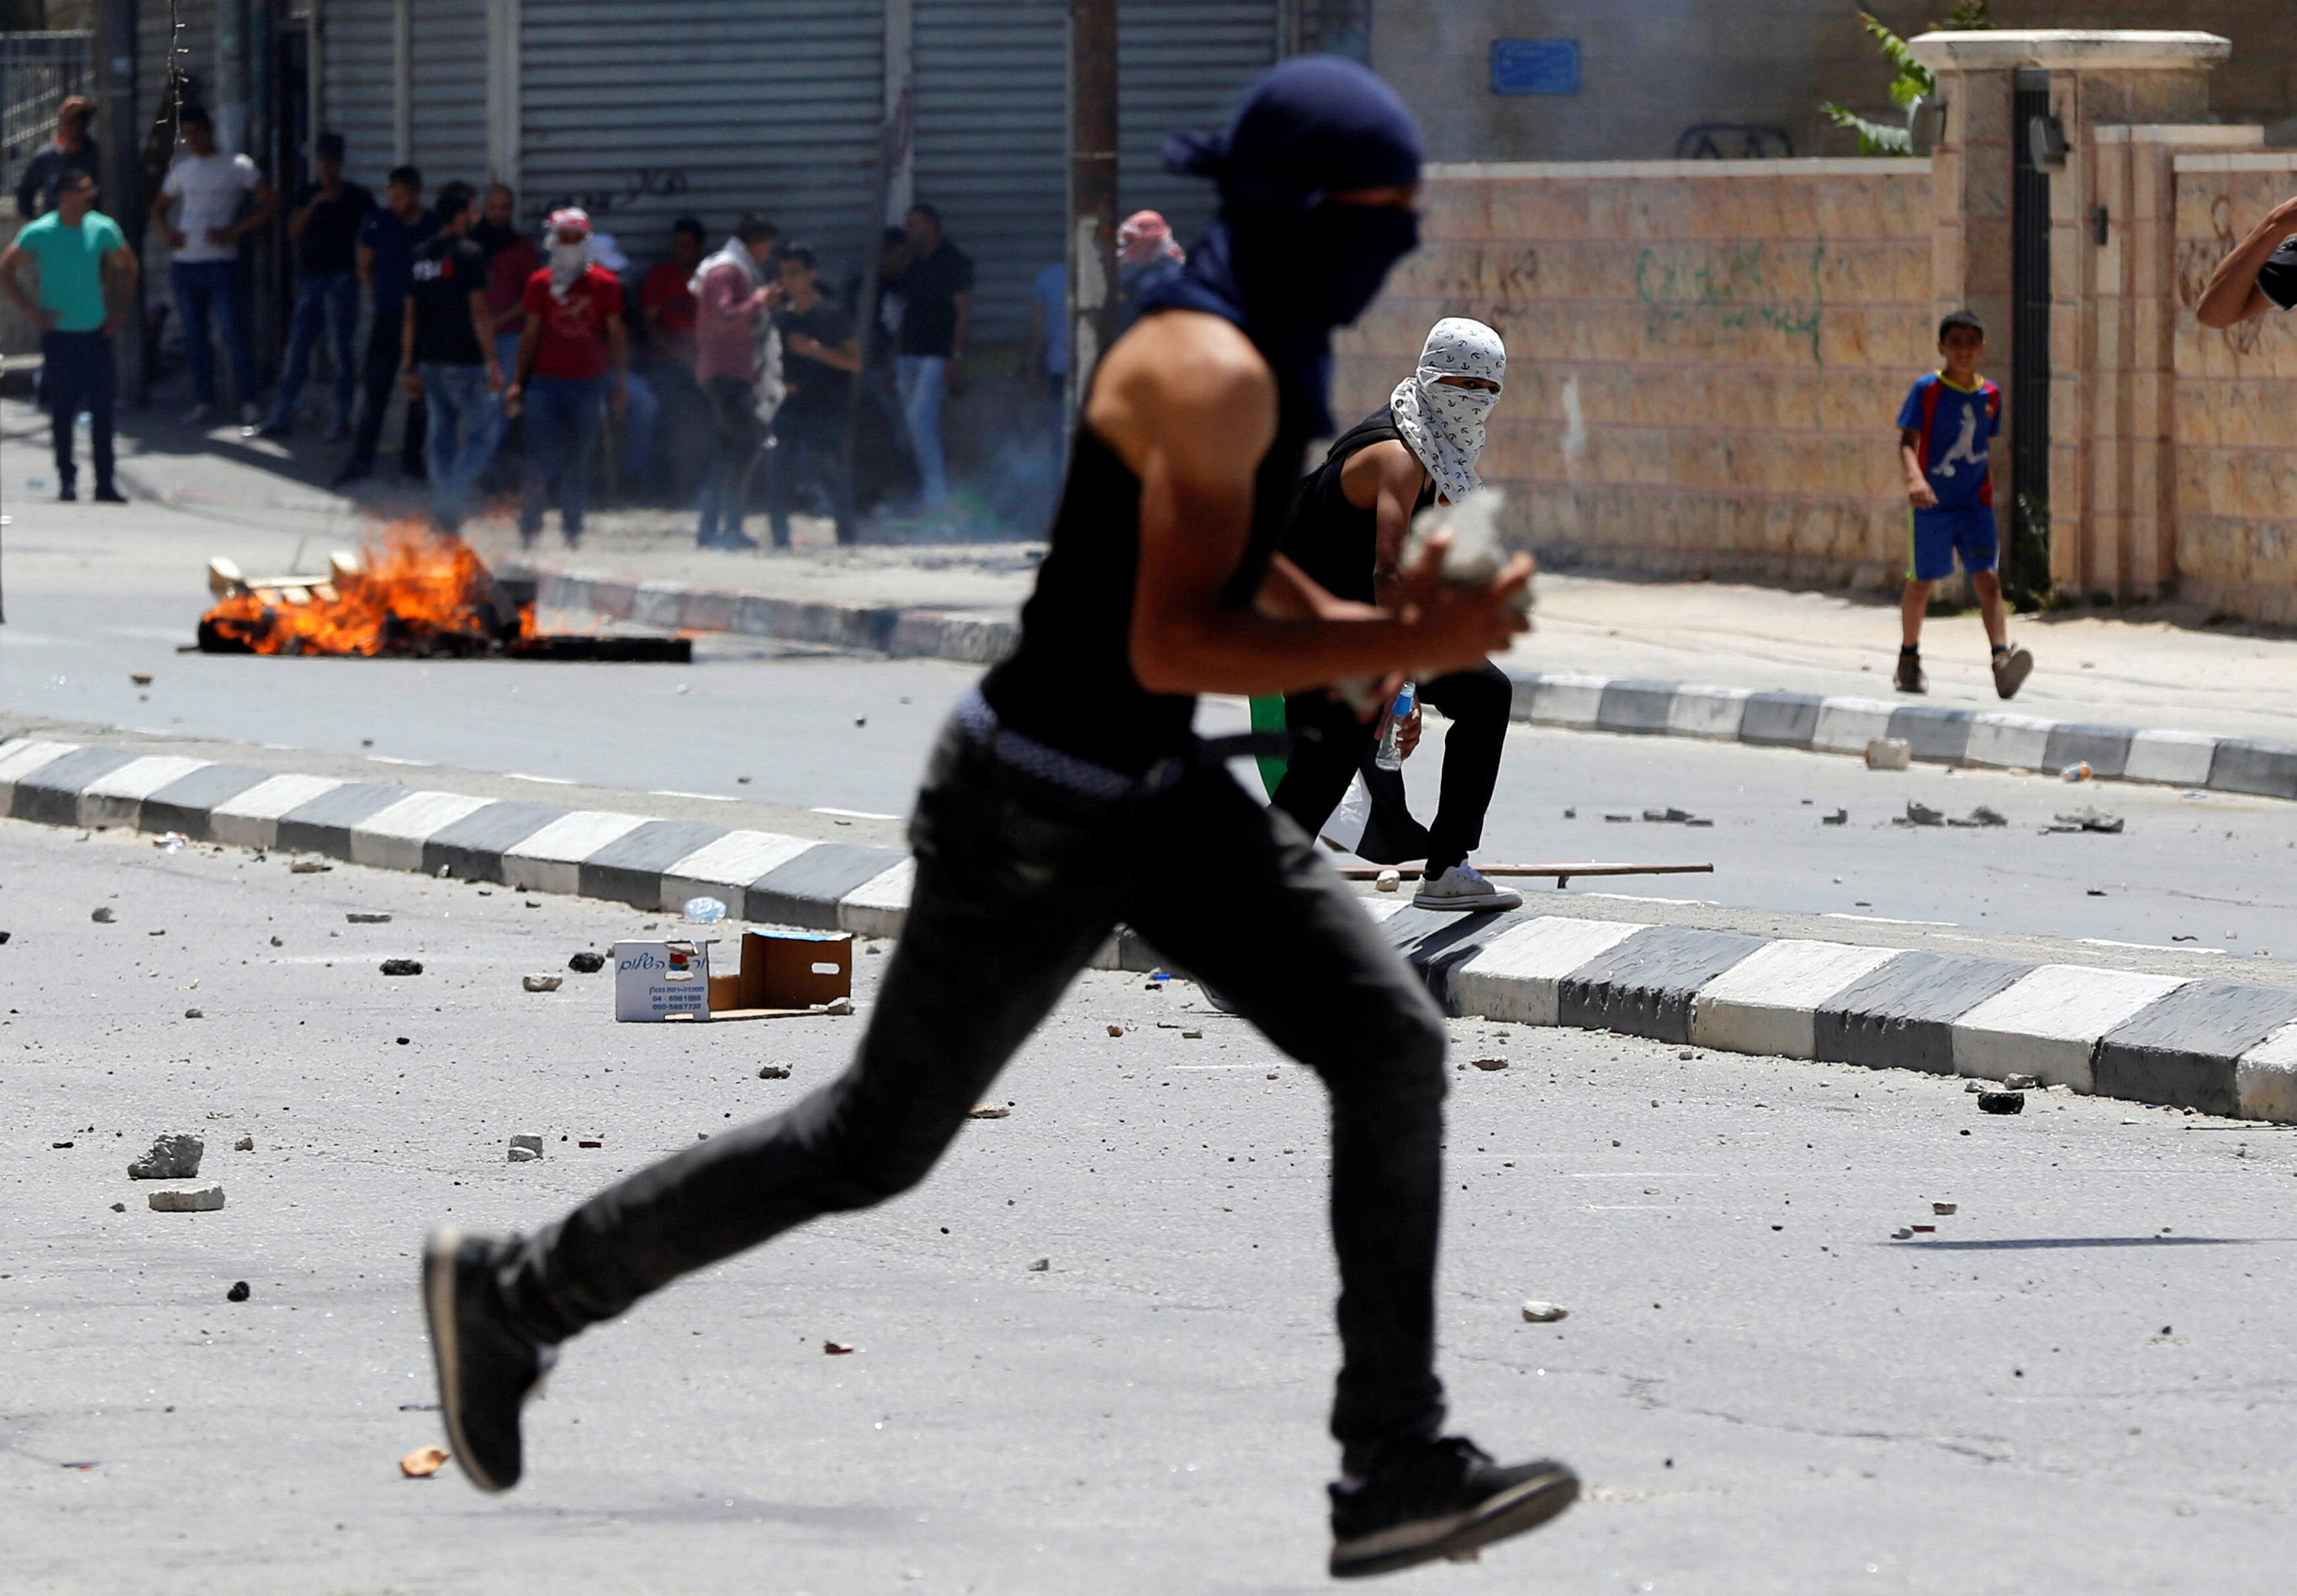 مواجهات عنيفة بين الشباب الفلسطينى وقوات الاحتلال